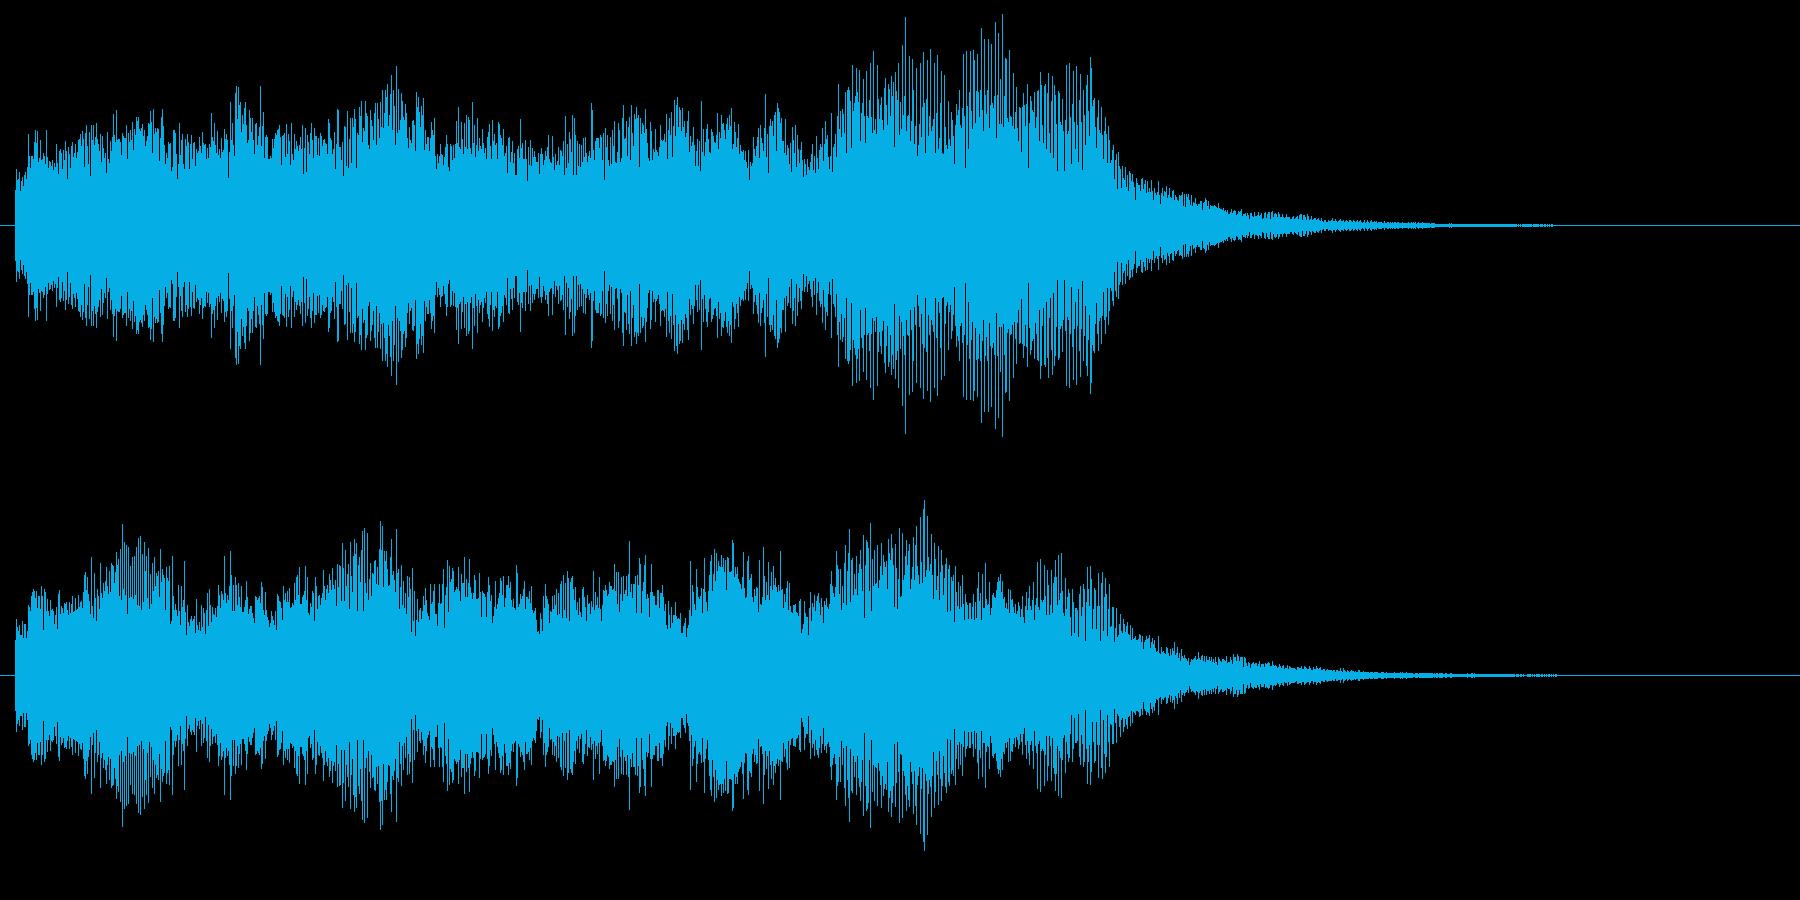 クリア 達成 遂行 場面転換 バイオリンの再生済みの波形